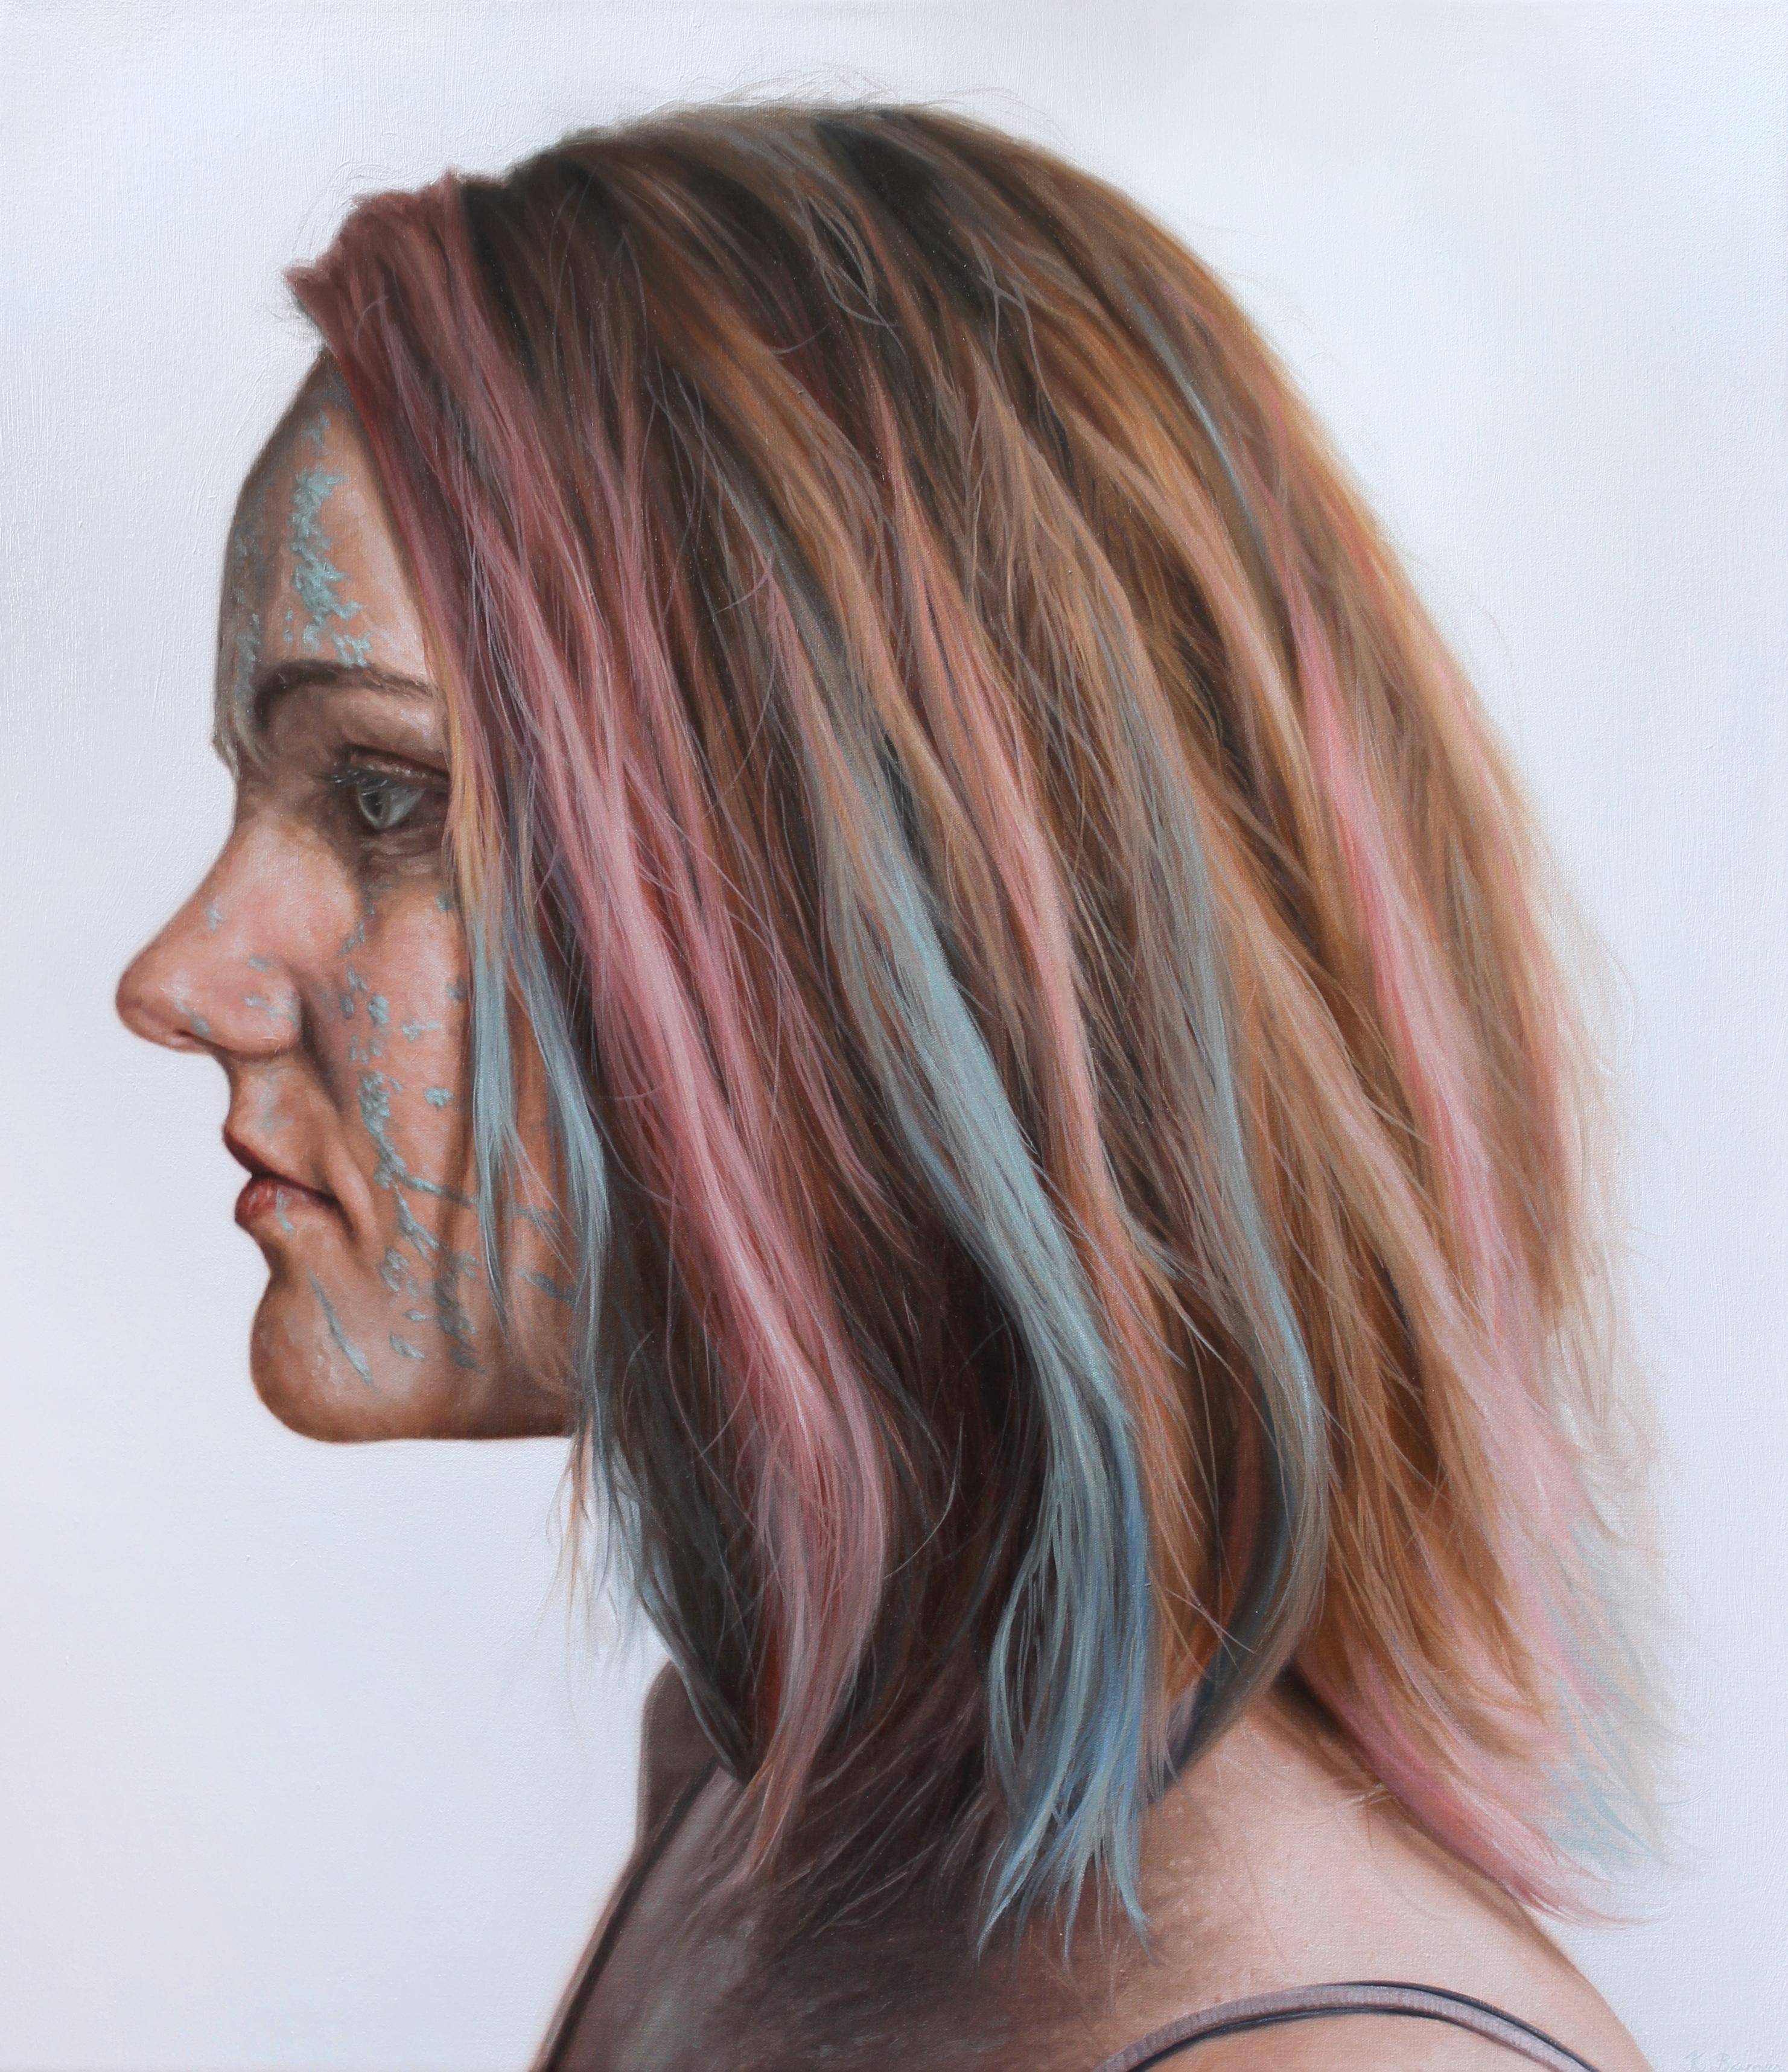 'Woman with multicoloured hair' Kyle Bar